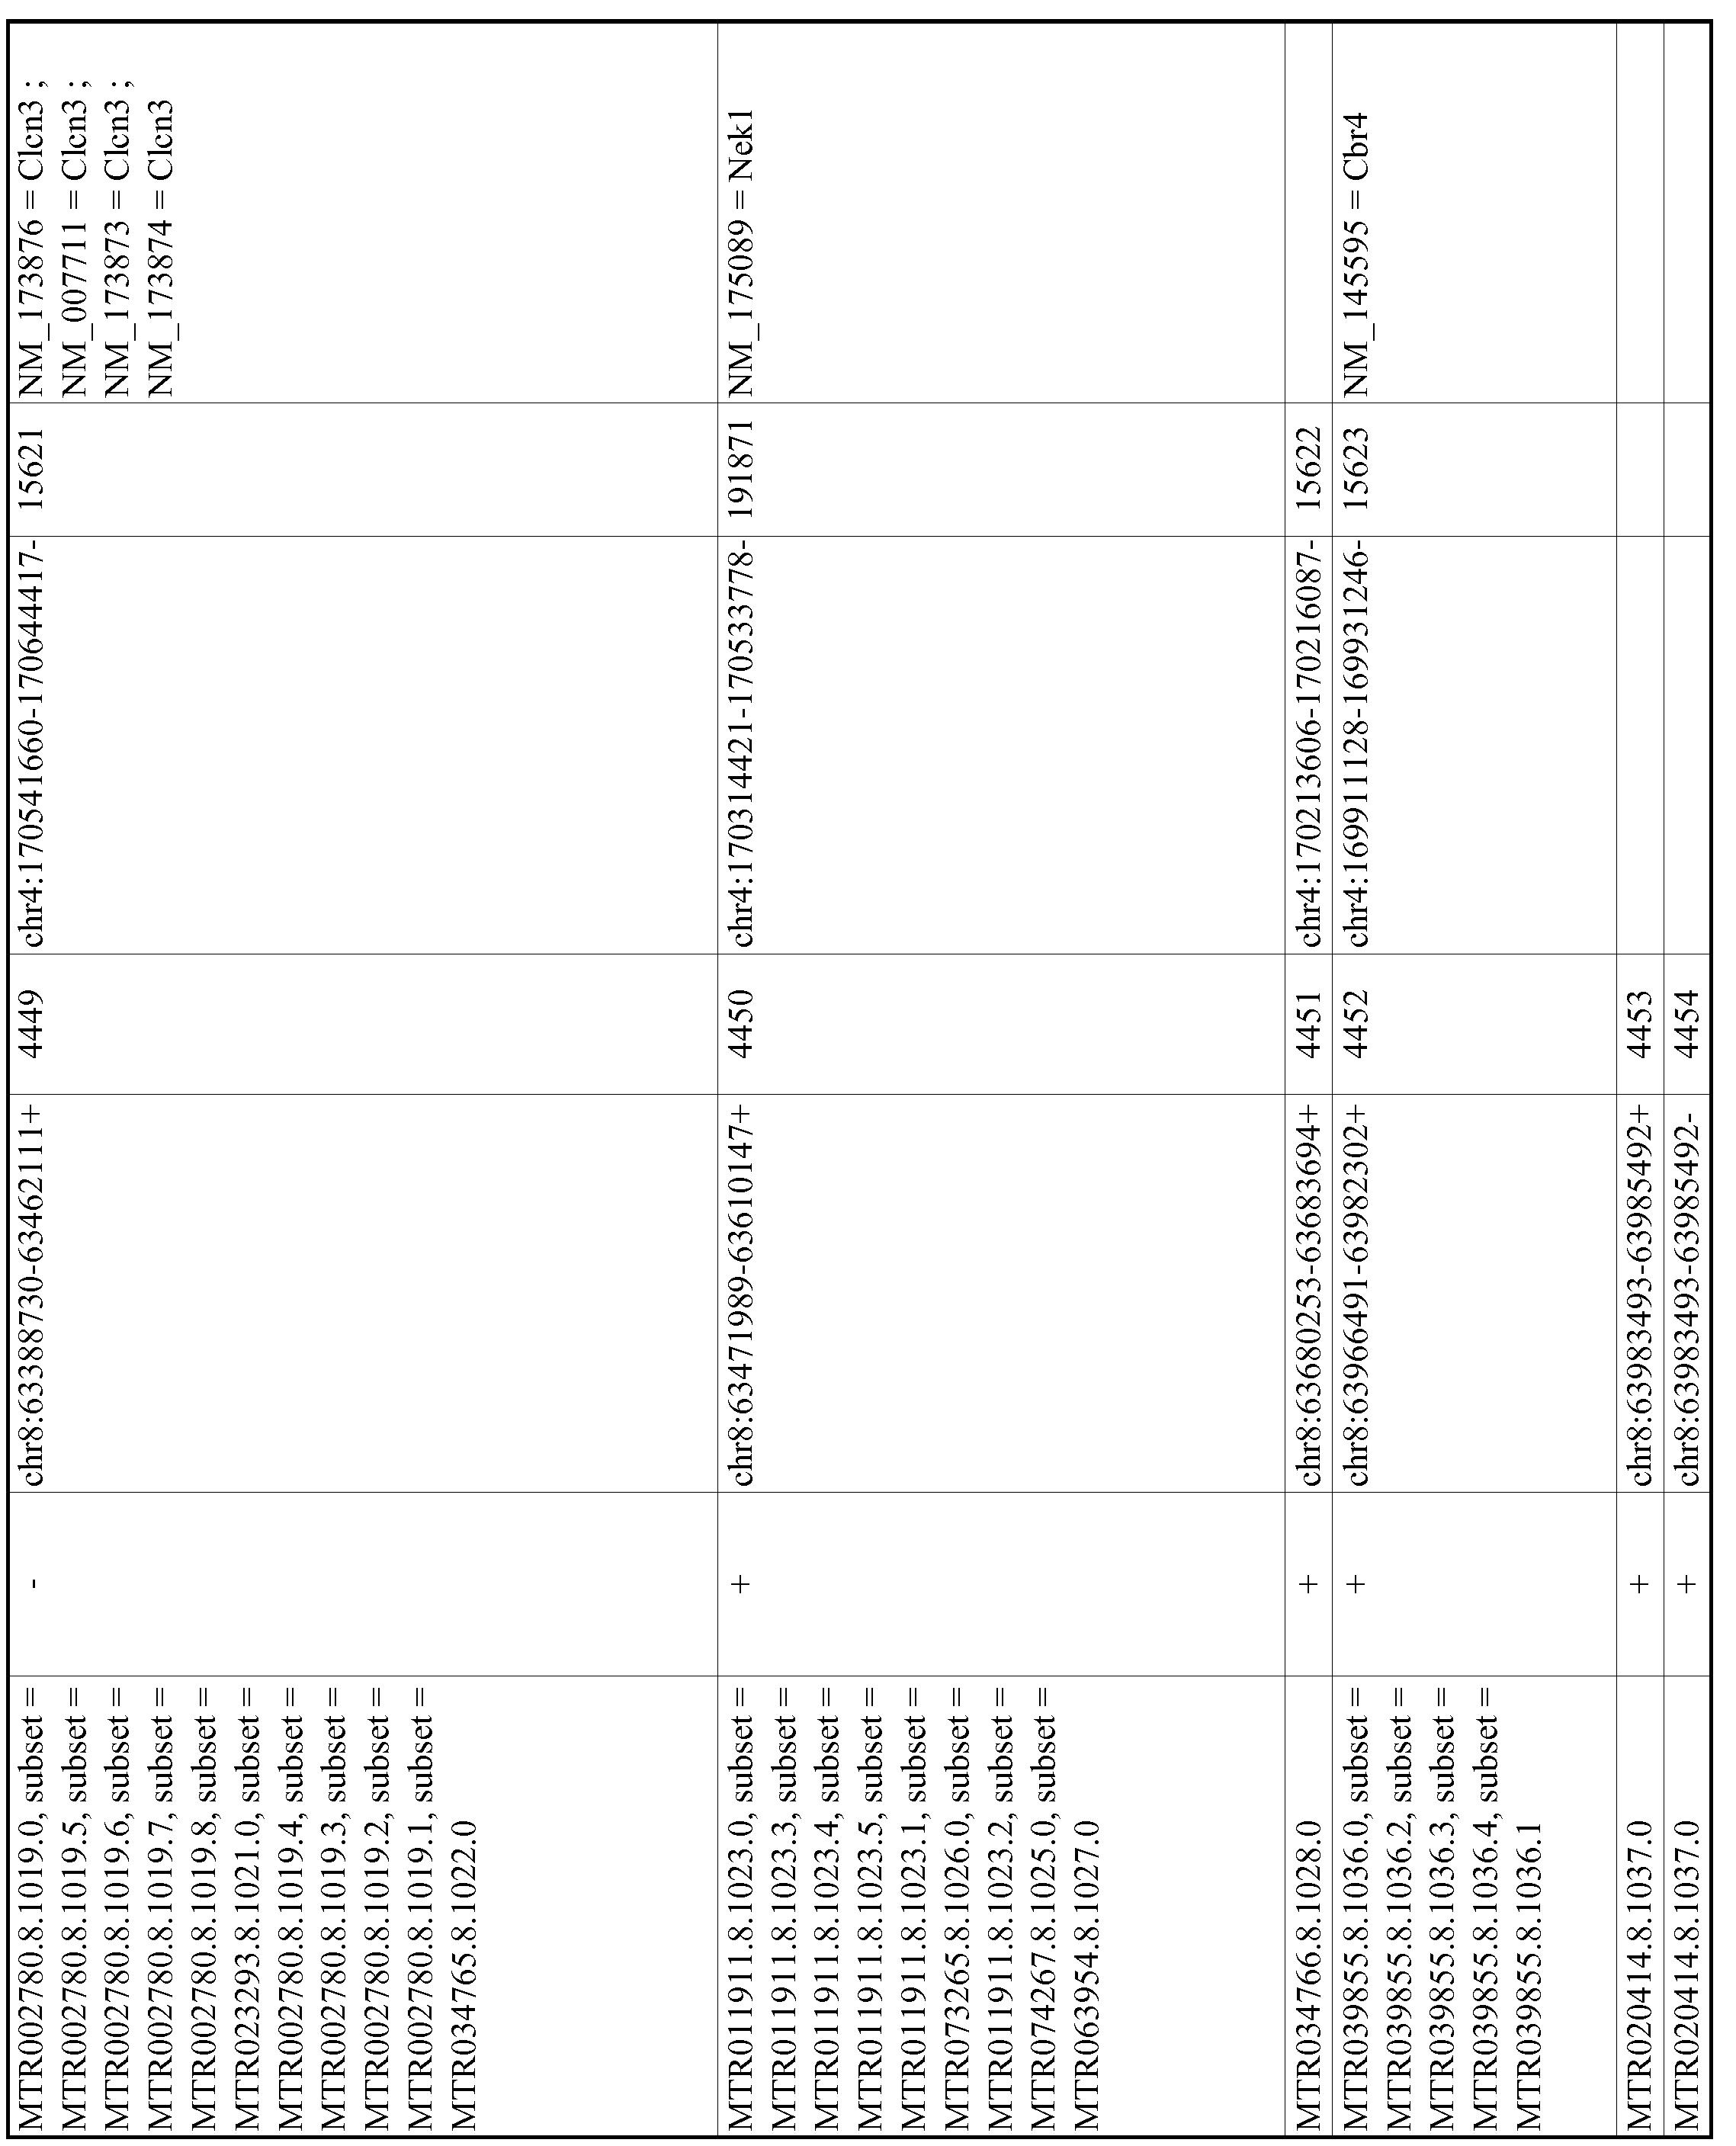 Figure imgf000828_0001